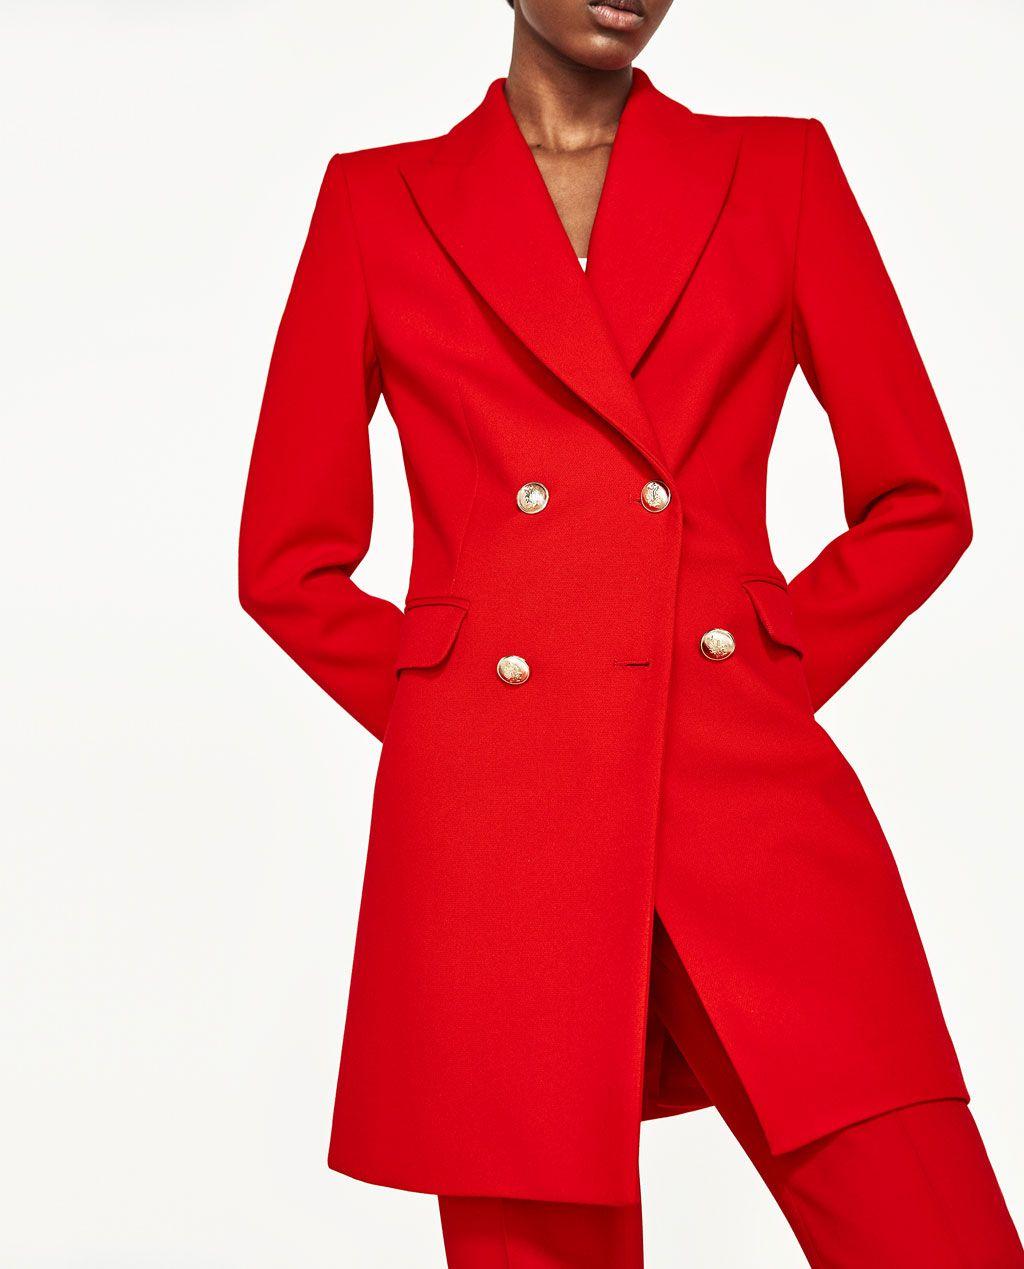 vestes habill es et blazers pour femme zara france mode pinterest blazers pour femmes. Black Bedroom Furniture Sets. Home Design Ideas